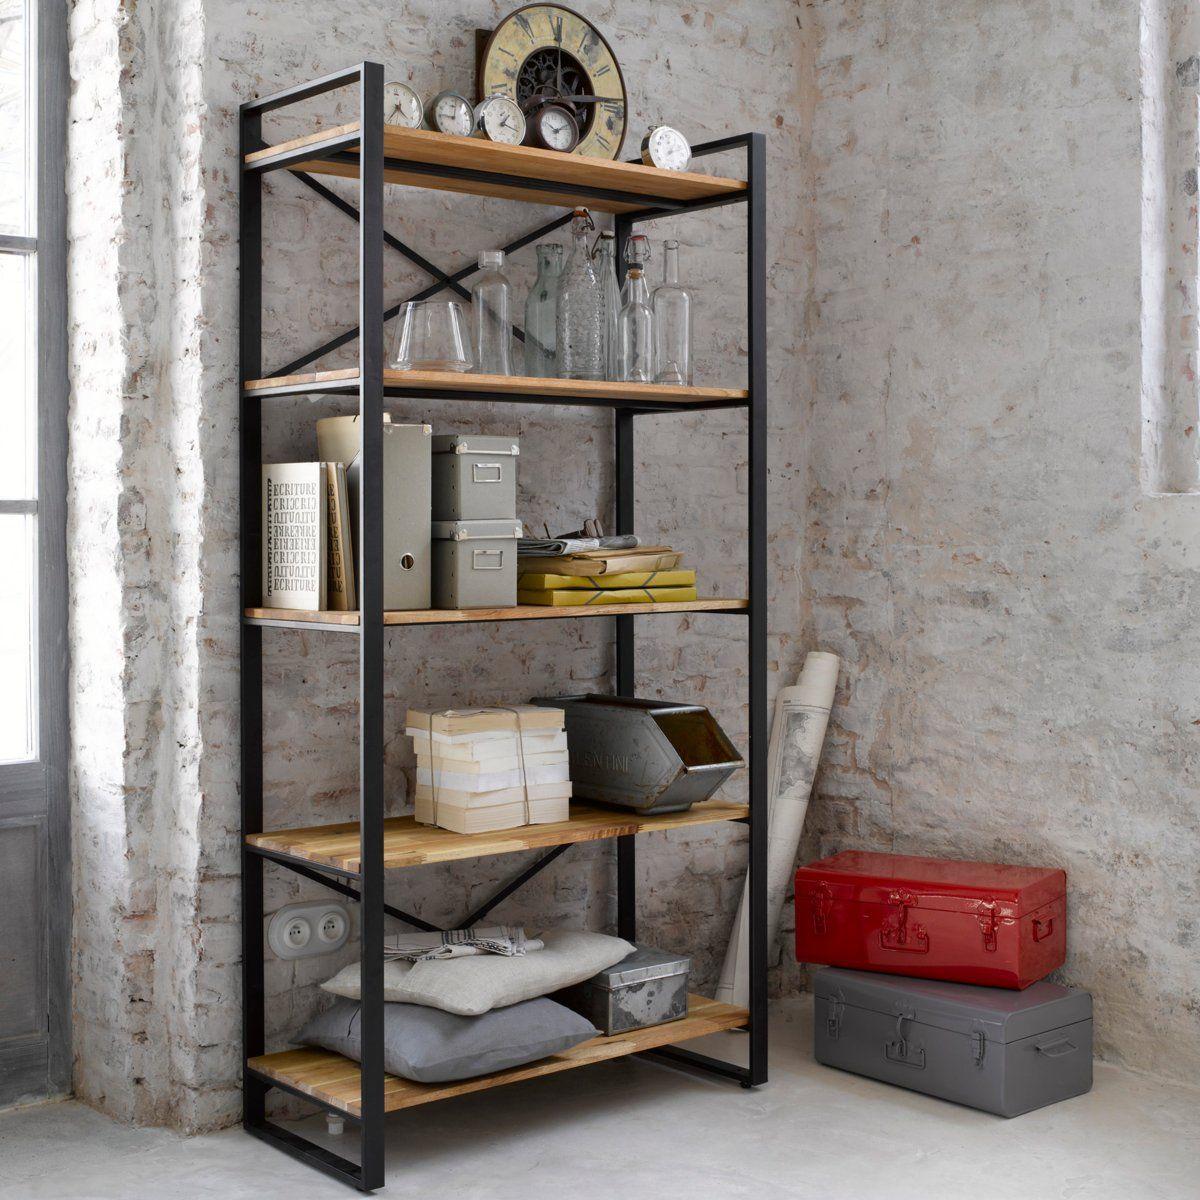 Мебель в стиле лофт : простые идеи для изготовления своими руками 43